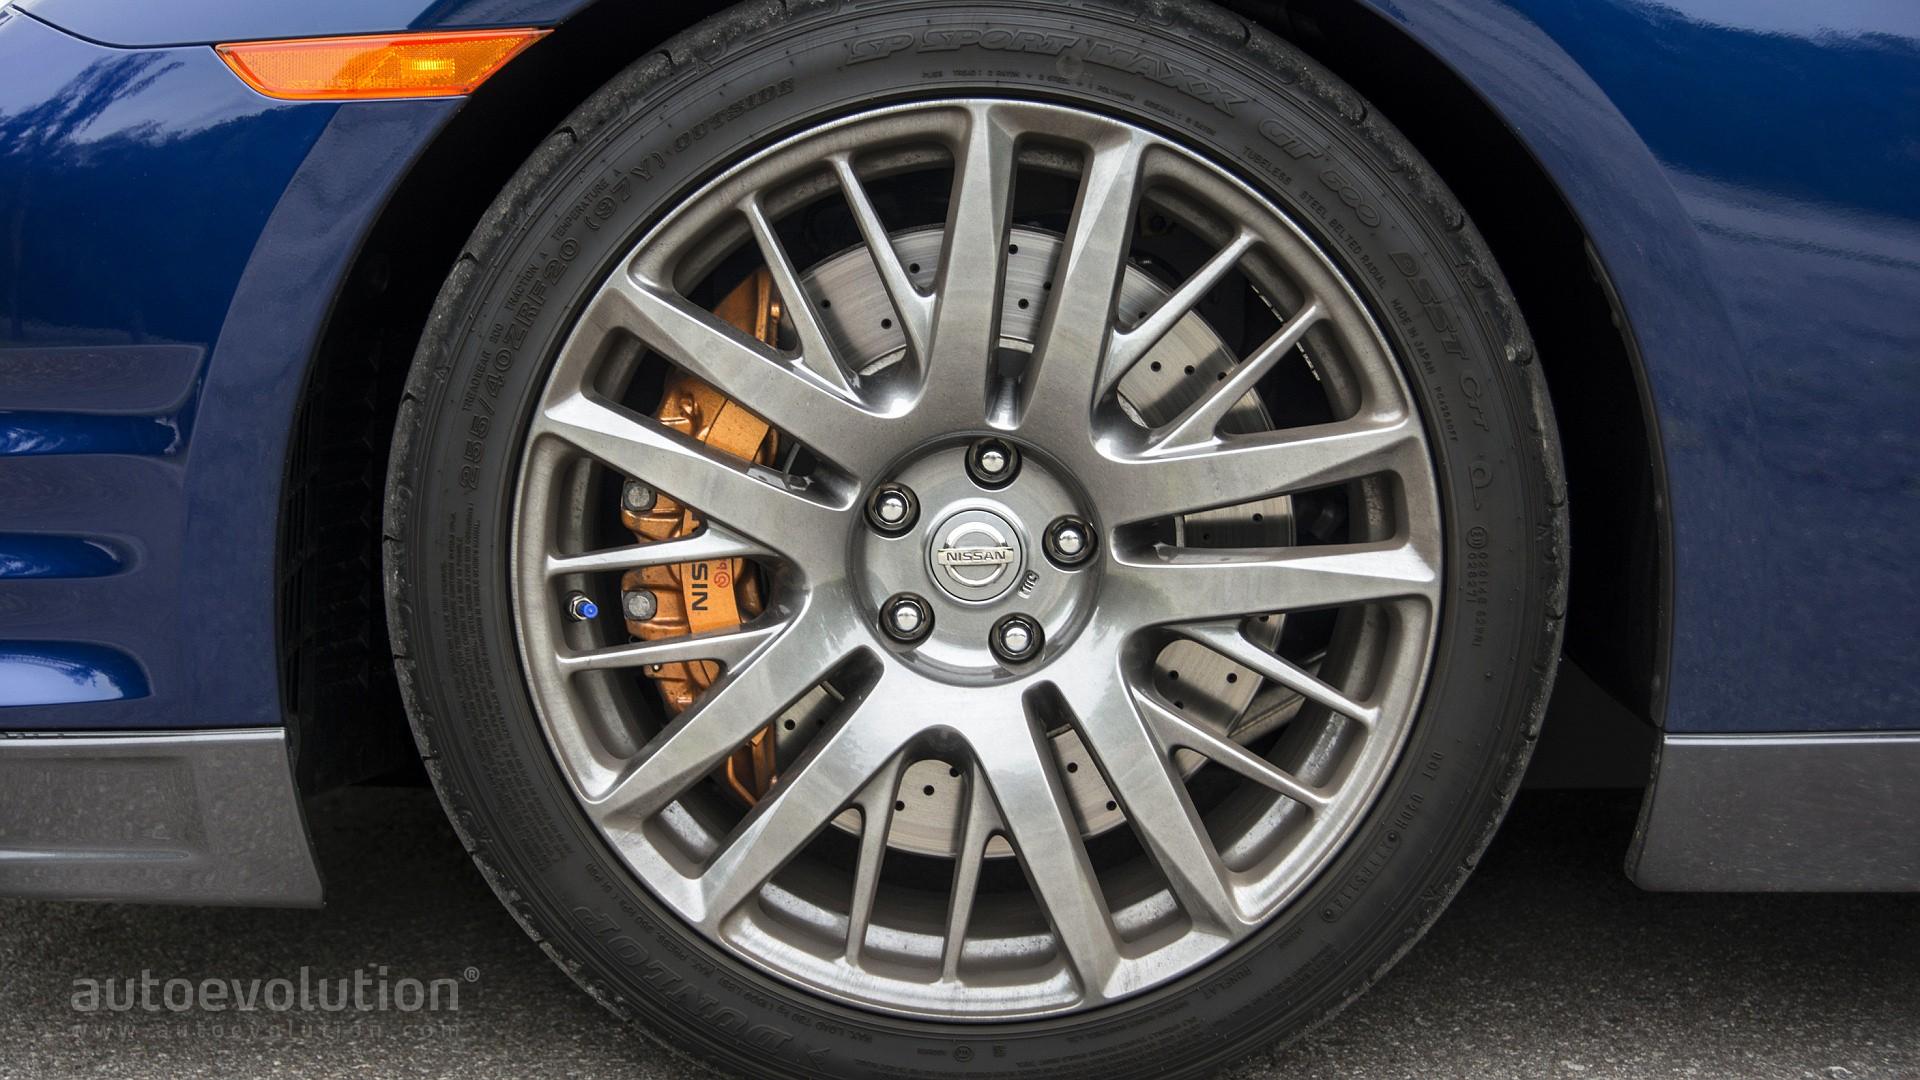 2016 Nissan Gt R Review Autoevolution Rims